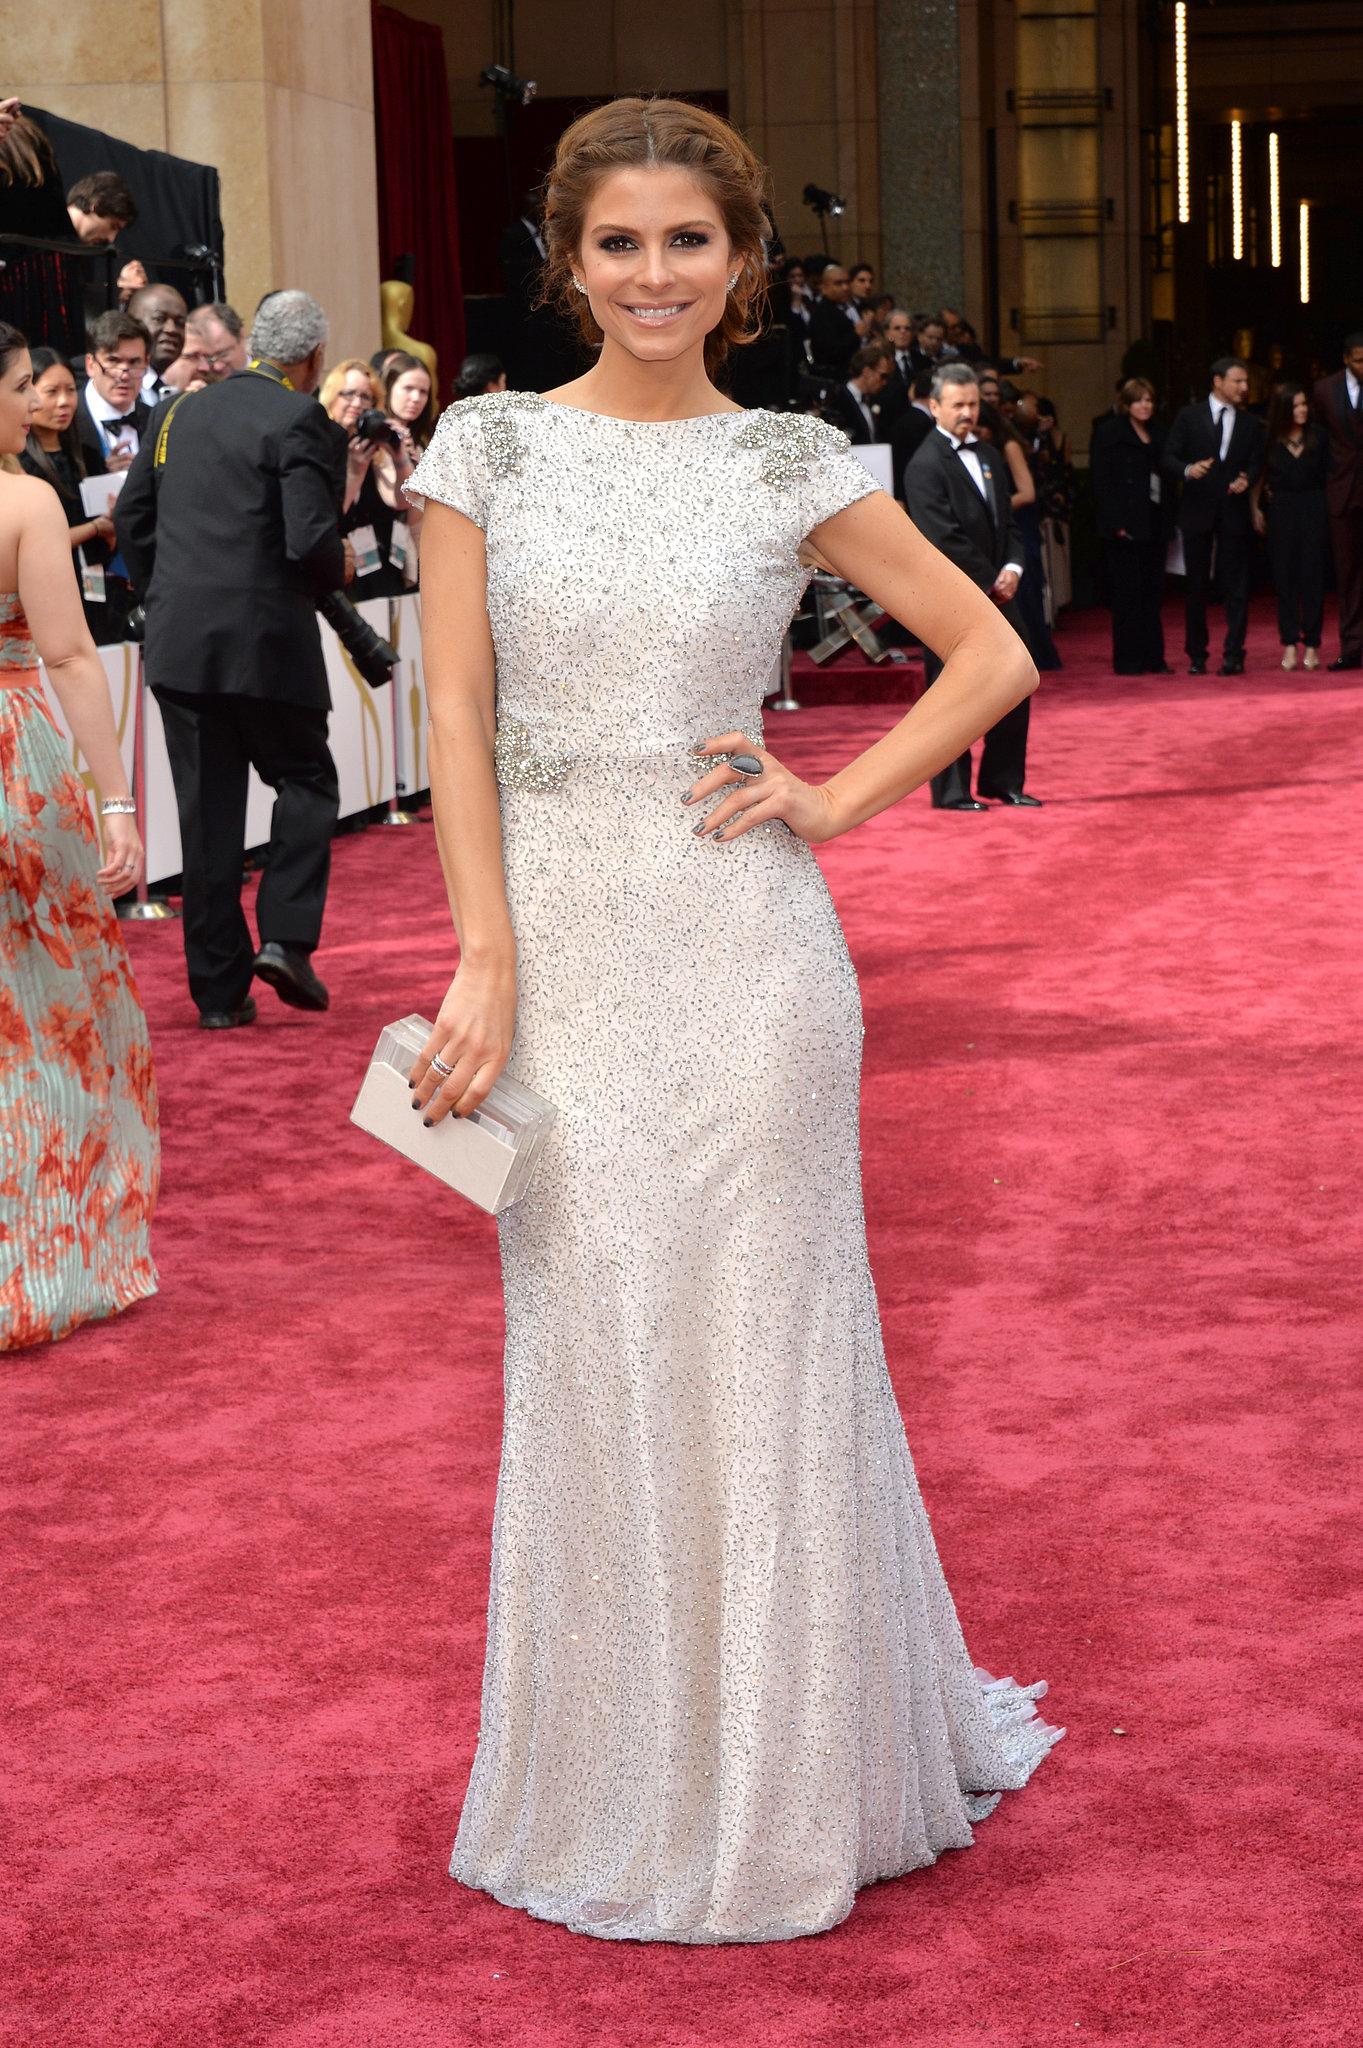 Maria Menounos at the 2014 Oscars